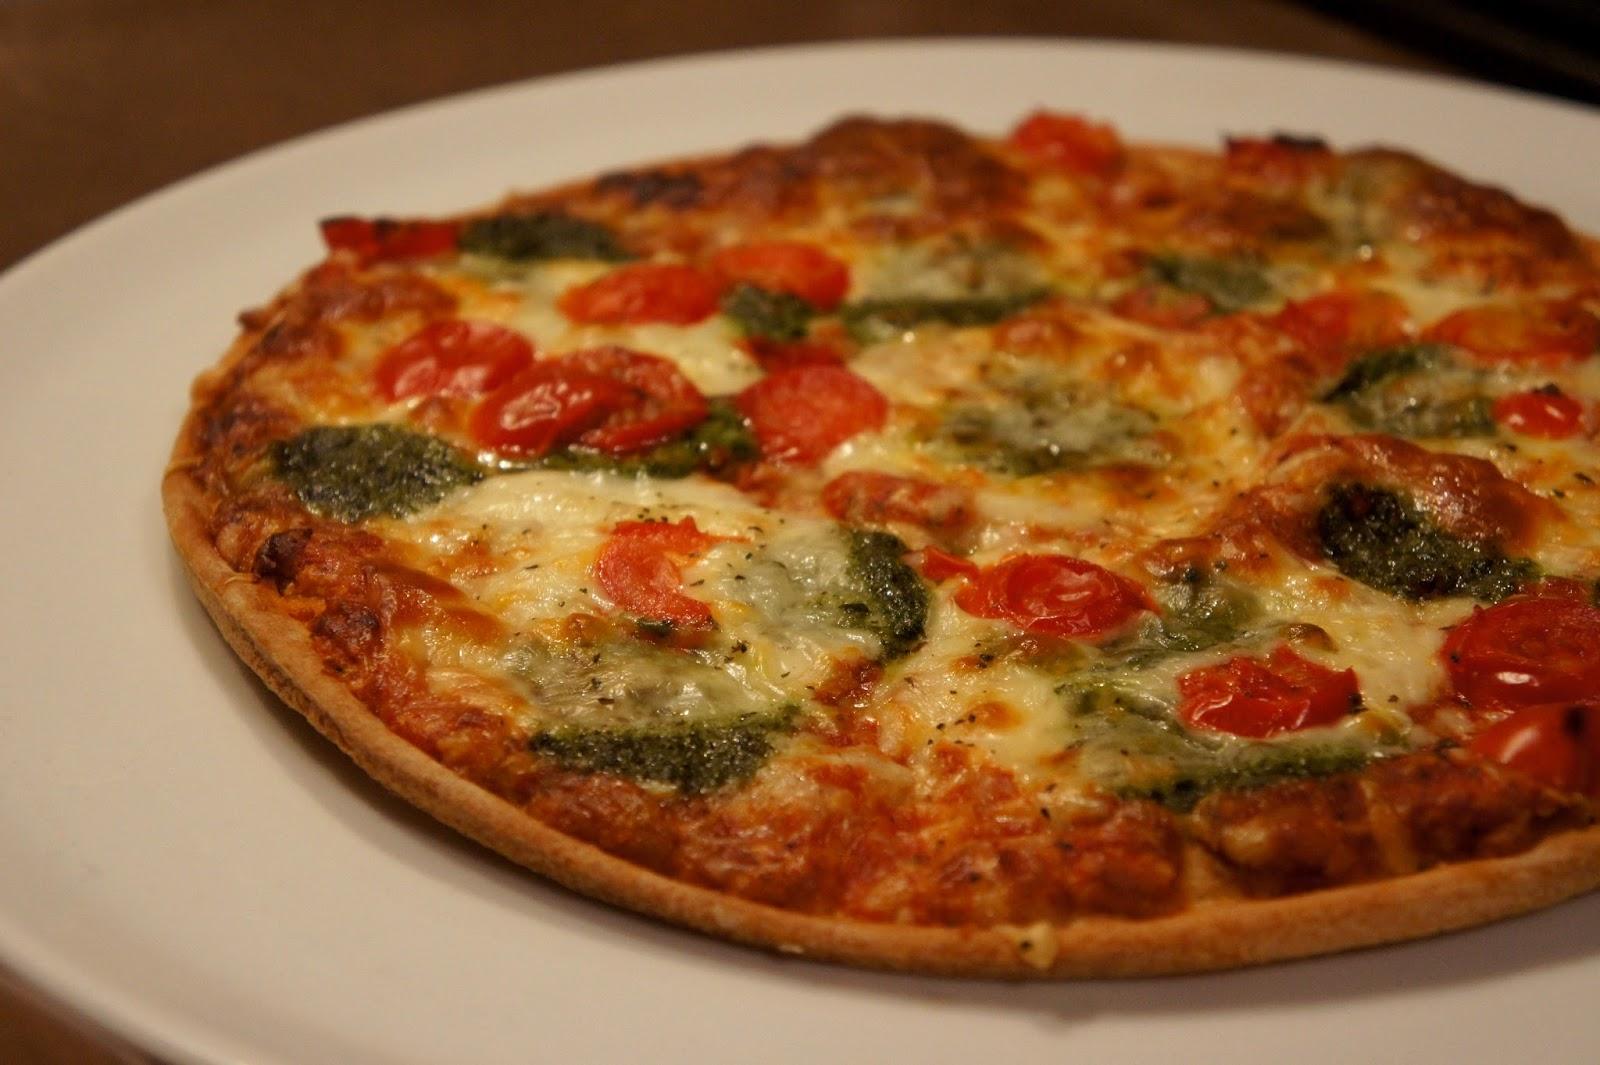 glutenfreie ristorante pizza von dr oetker ein. Black Bedroom Furniture Sets. Home Design Ideas